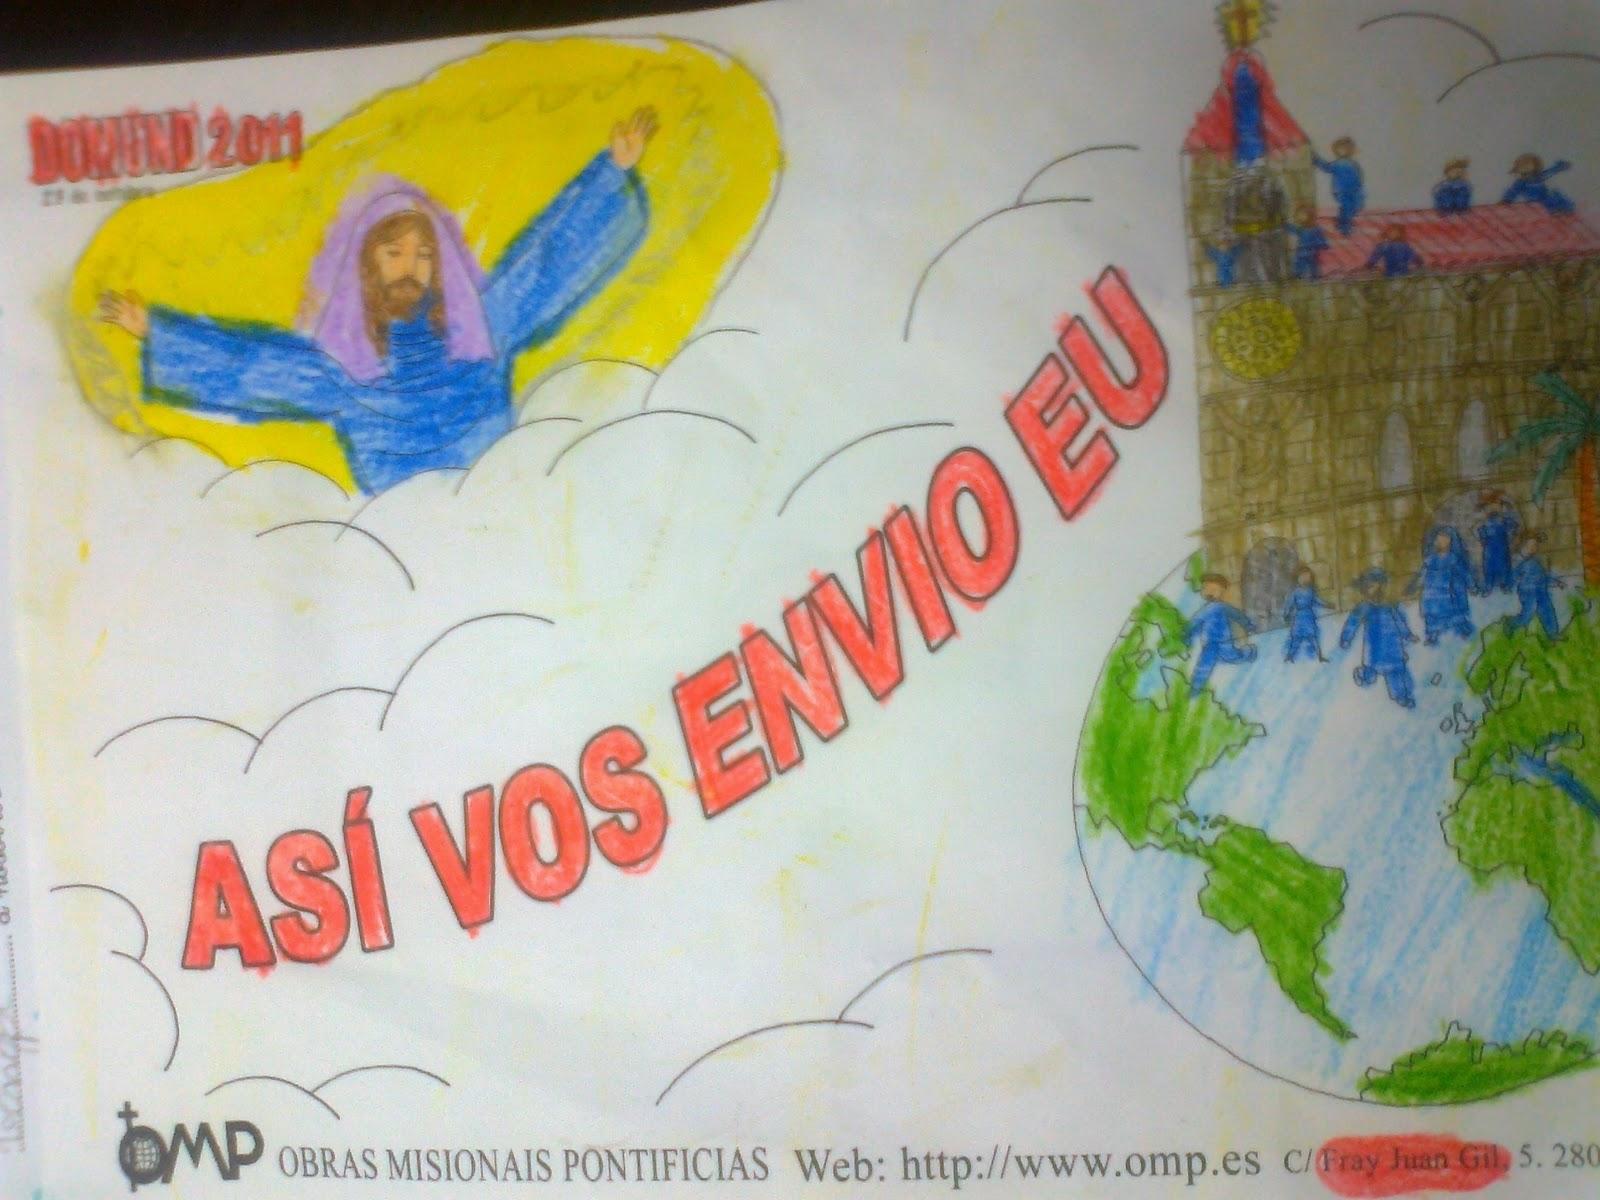 Dibujos De Las Misiones: La Catequesis (El Blog De Sandra): Dibujos Domund 2011